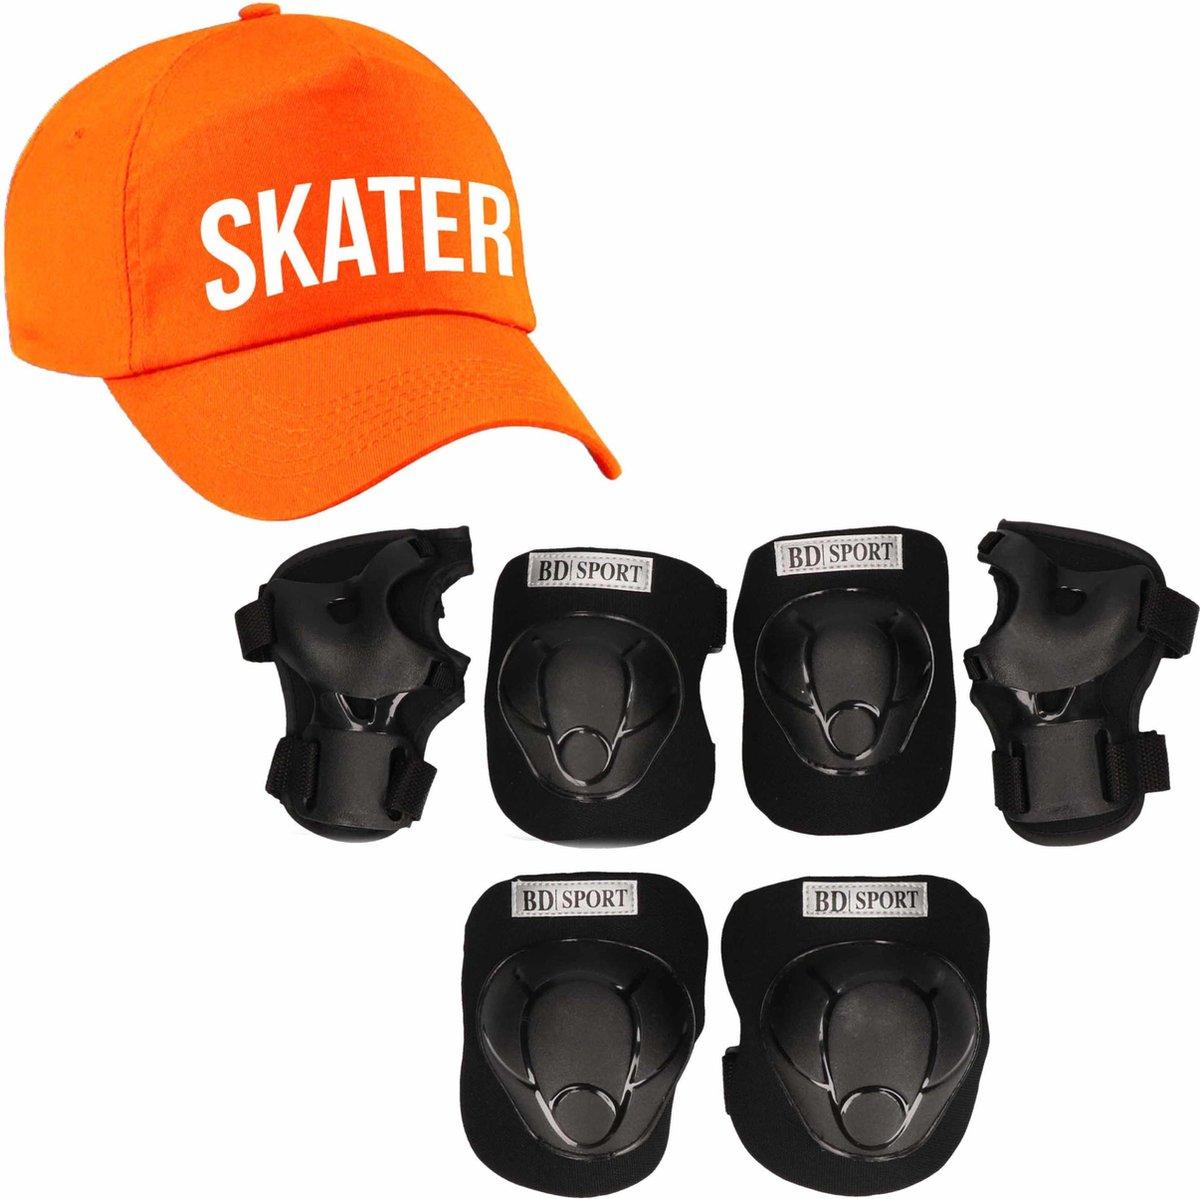 Set van valbescherming voor kinderen maat S / 4 tot 5 jaar met een stoere SKATER pet oranje